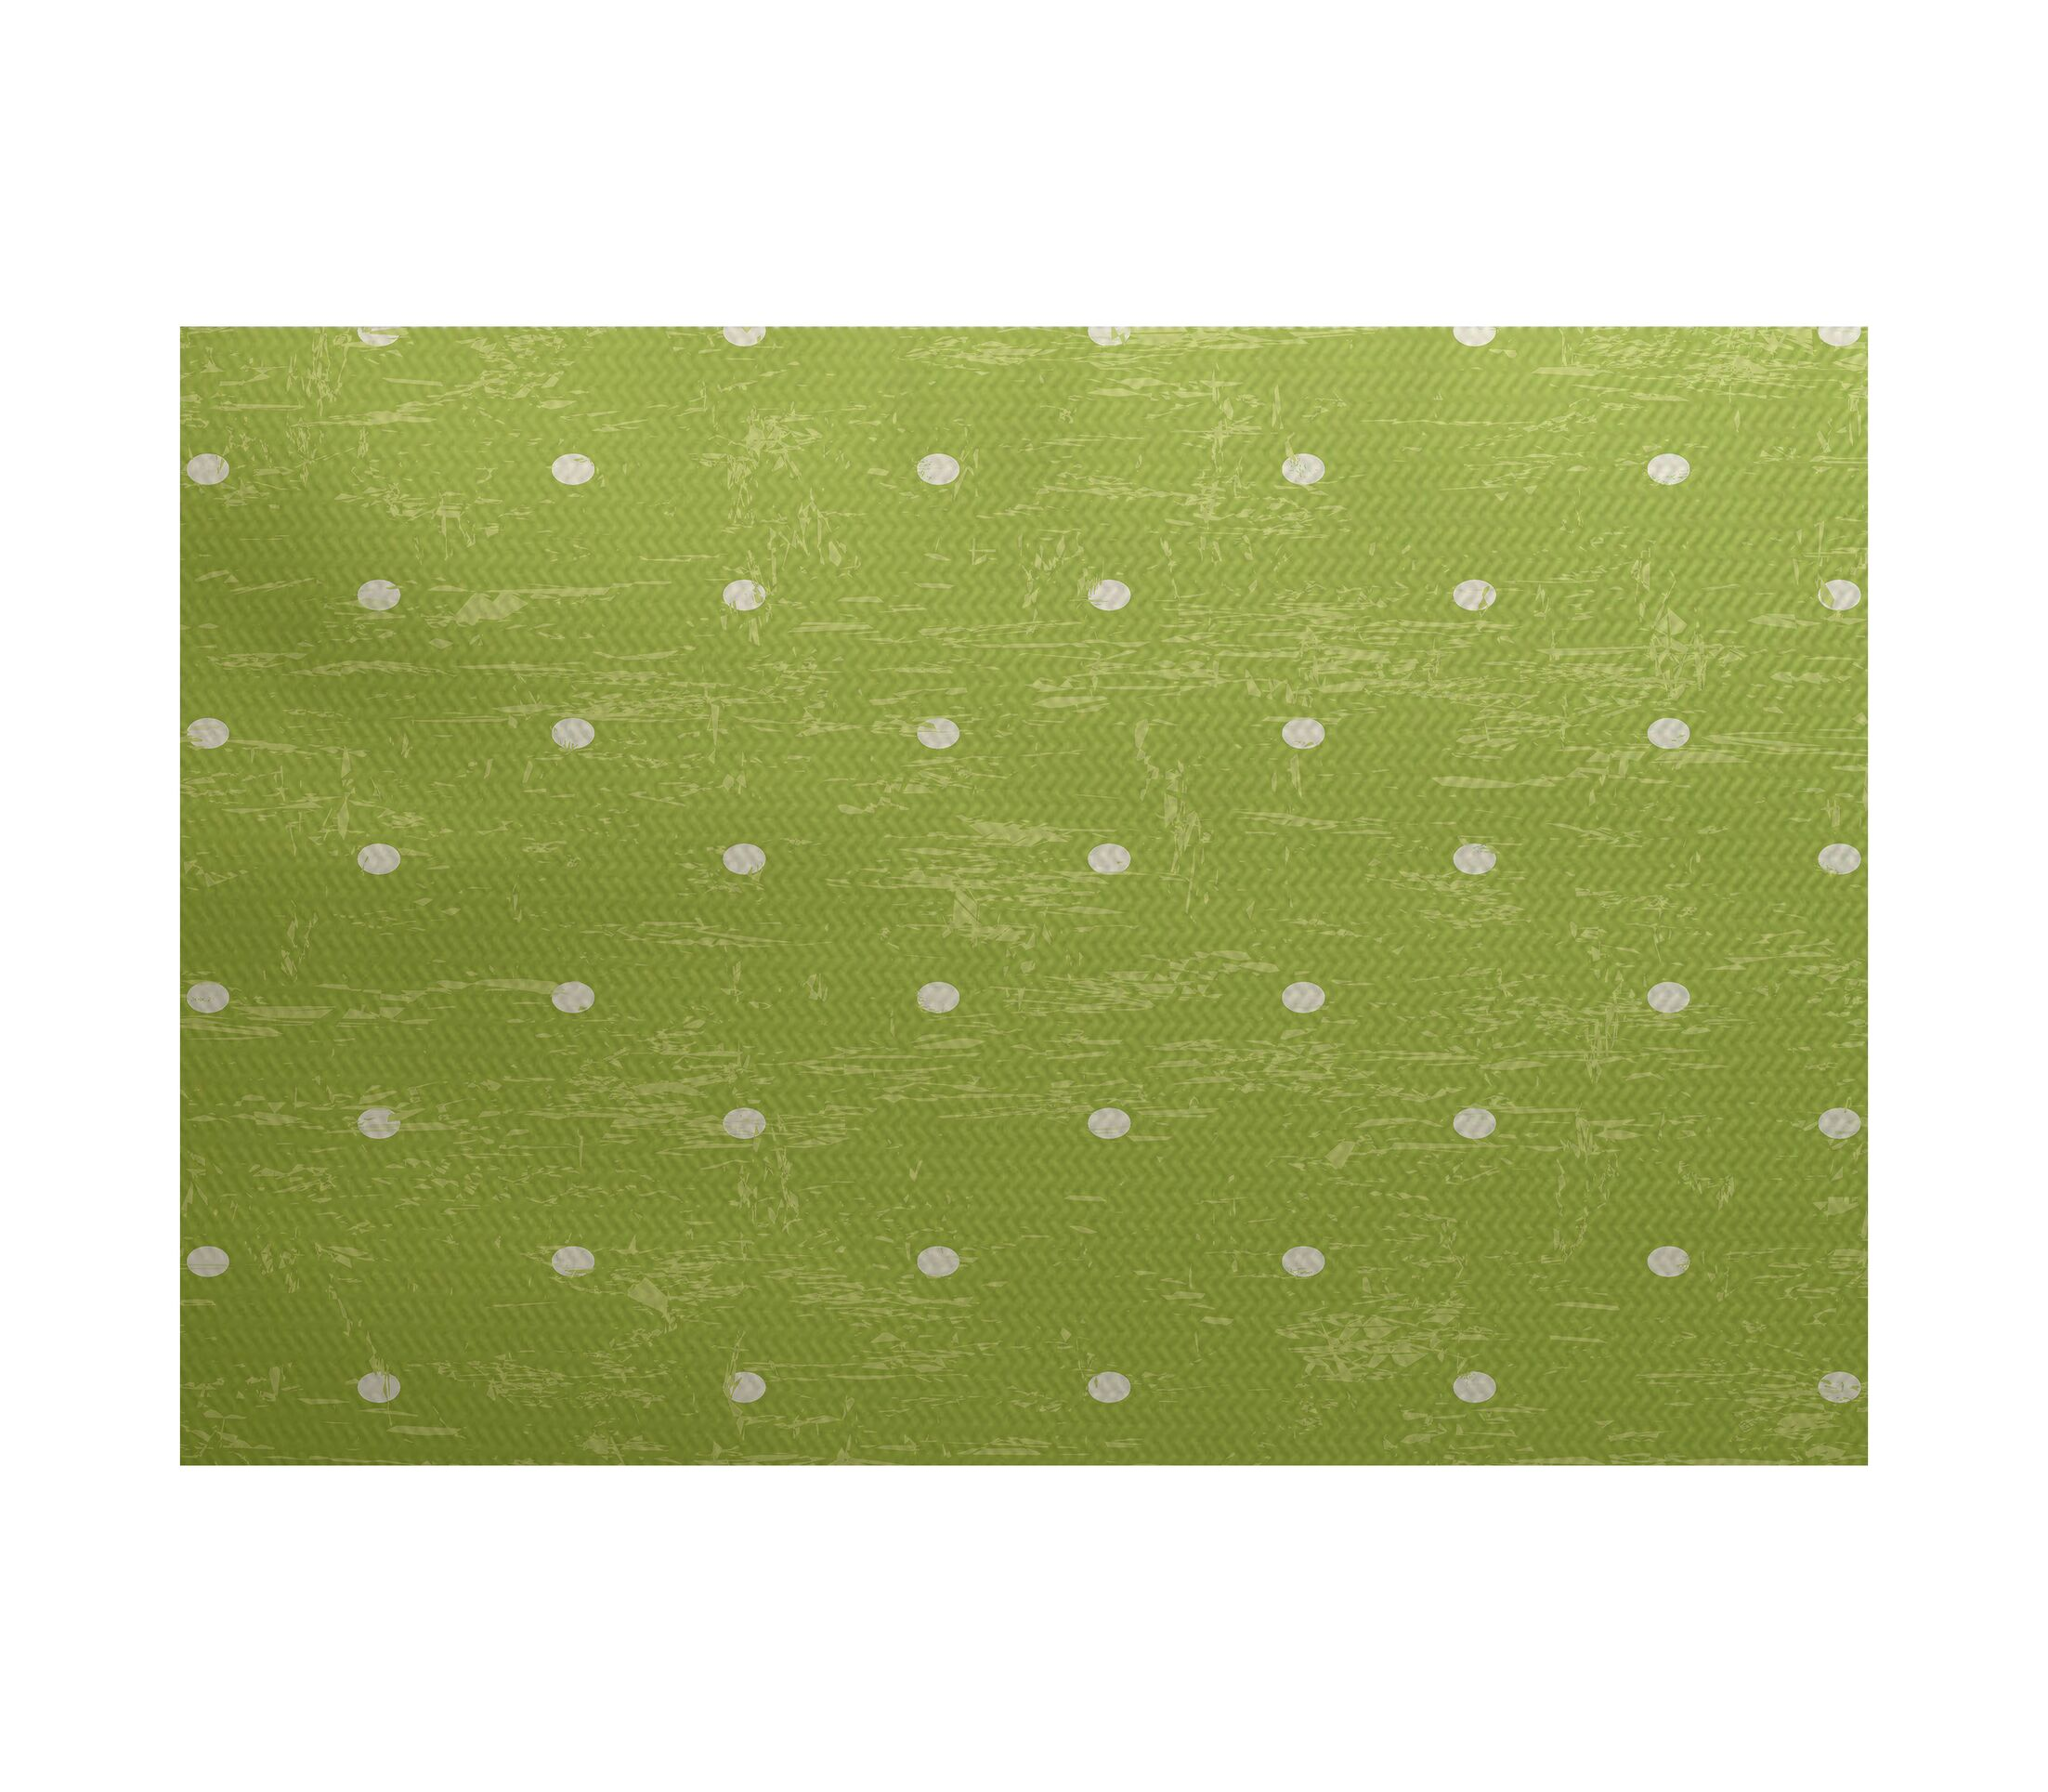 Golden Beach Light Green Indoor/Outdoor Area Rug Rug Size: Rectangle 3' x 5'